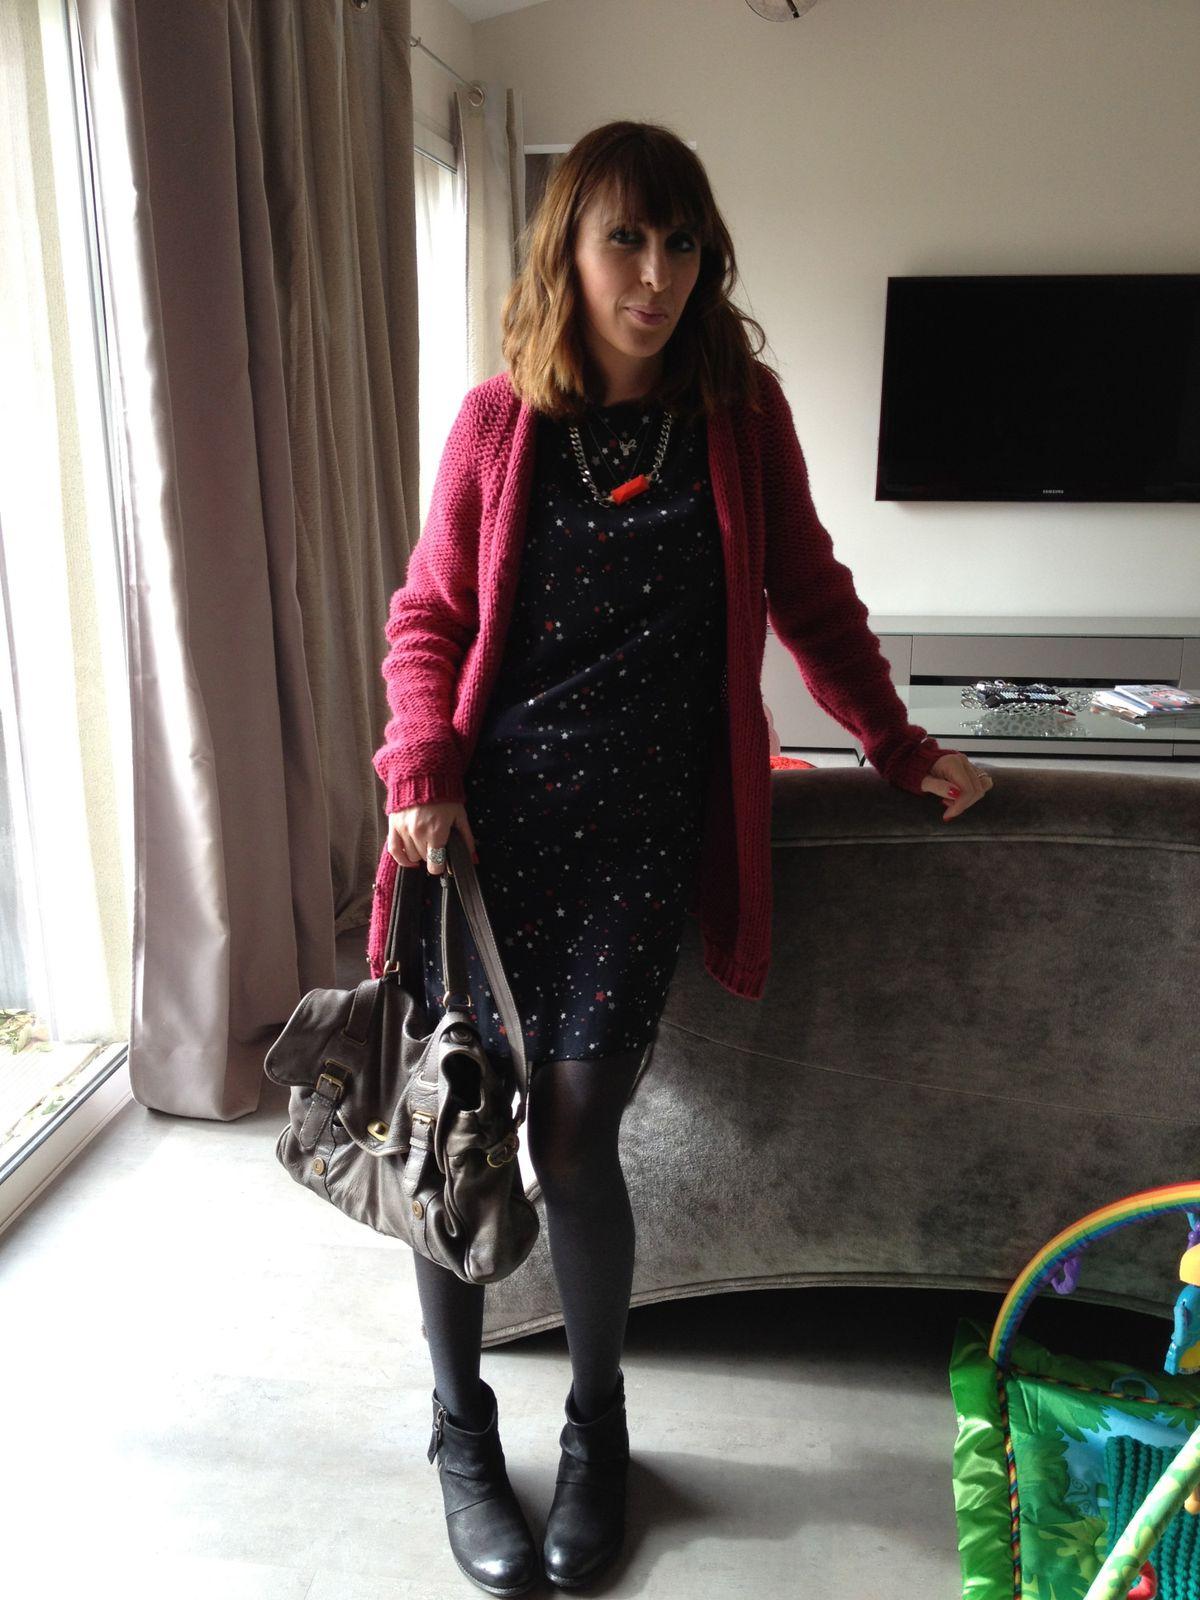 robe kookai   veste american vintage   sac comptoir des cotonniers    boots mango   collier ginette et h&m